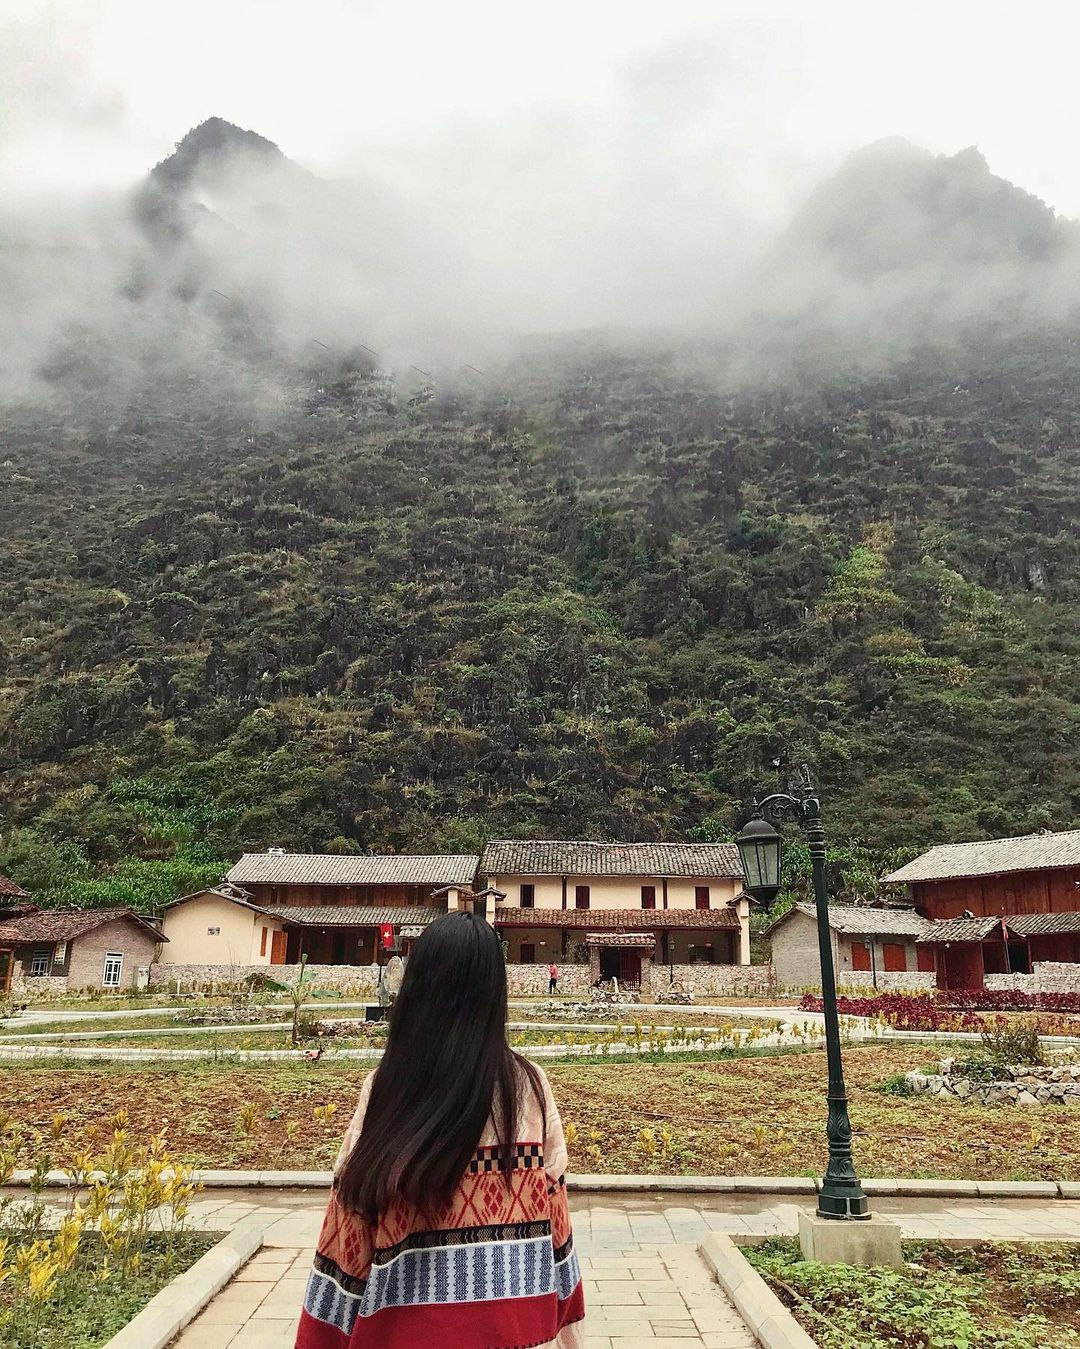 Meo Vac Clay House ngập tràn trong mây. Hình: @tranthanhbich